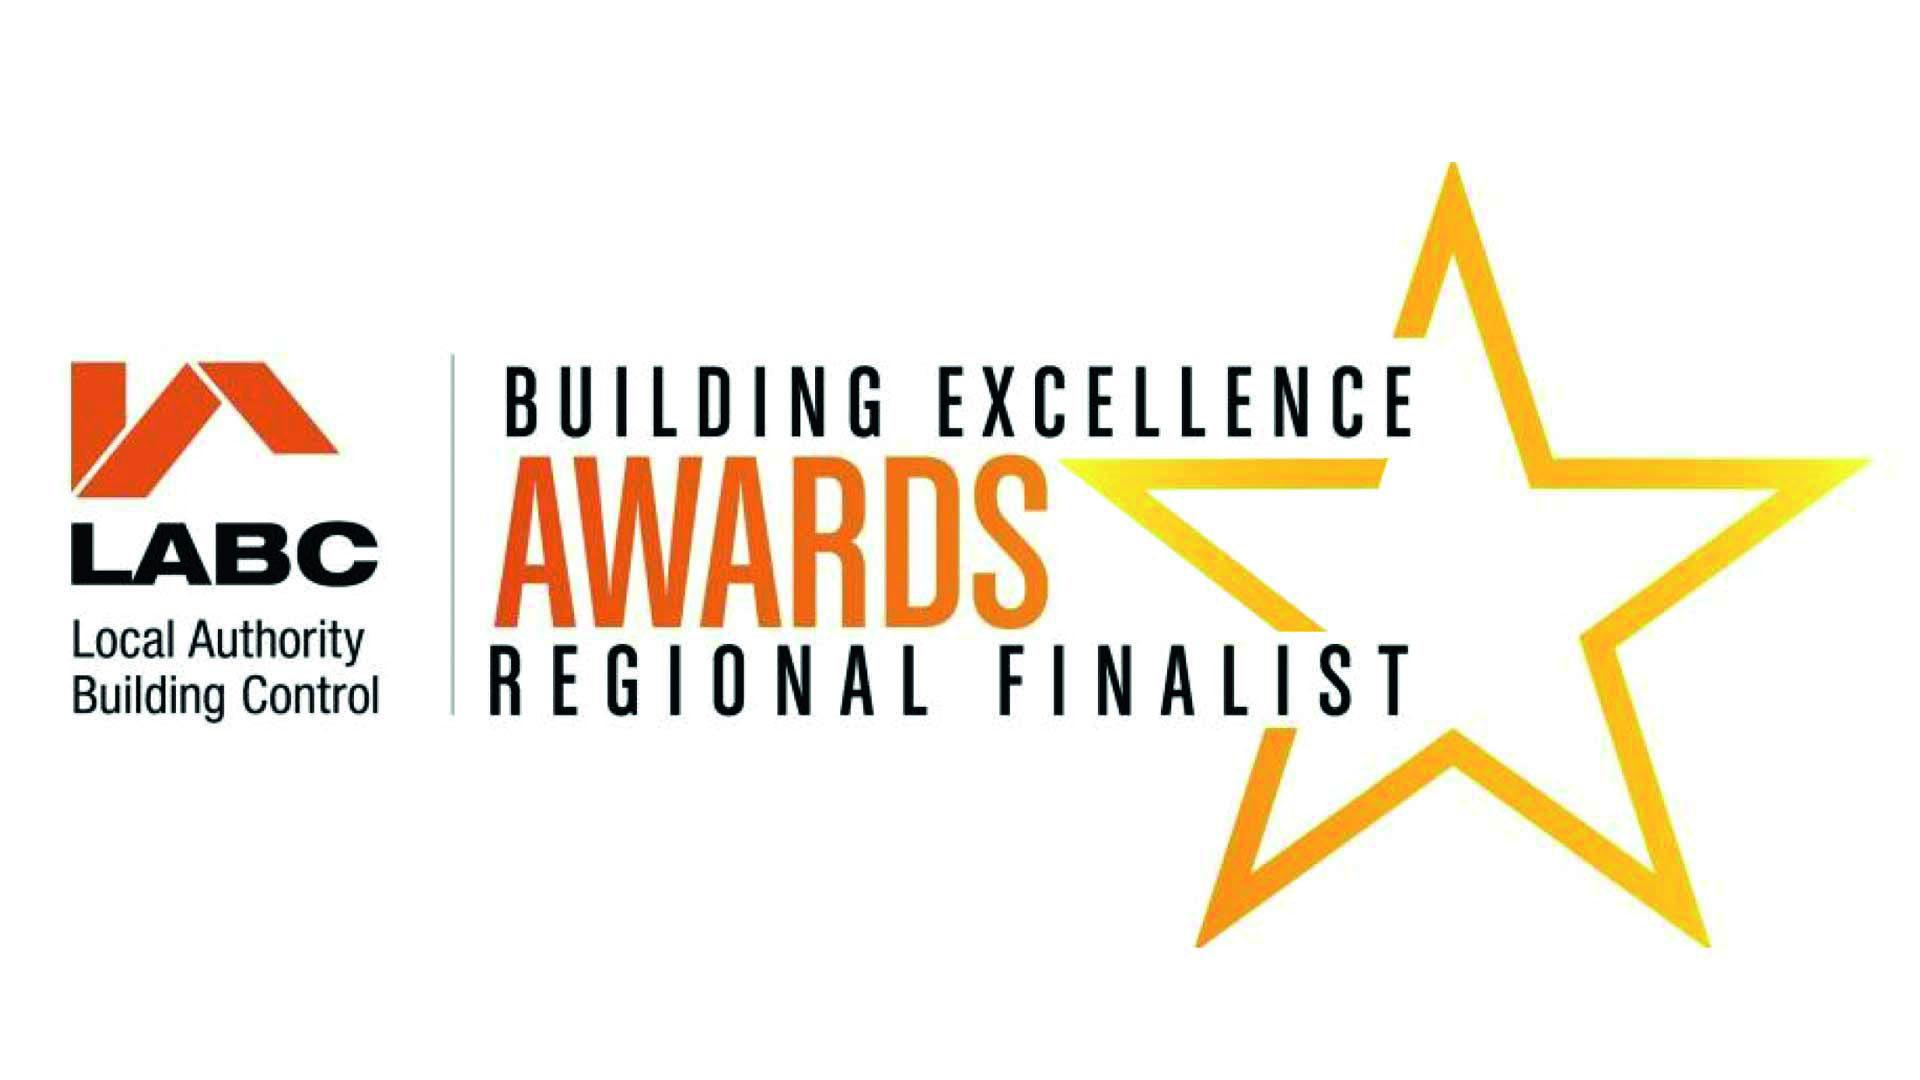 LABC regional finalist